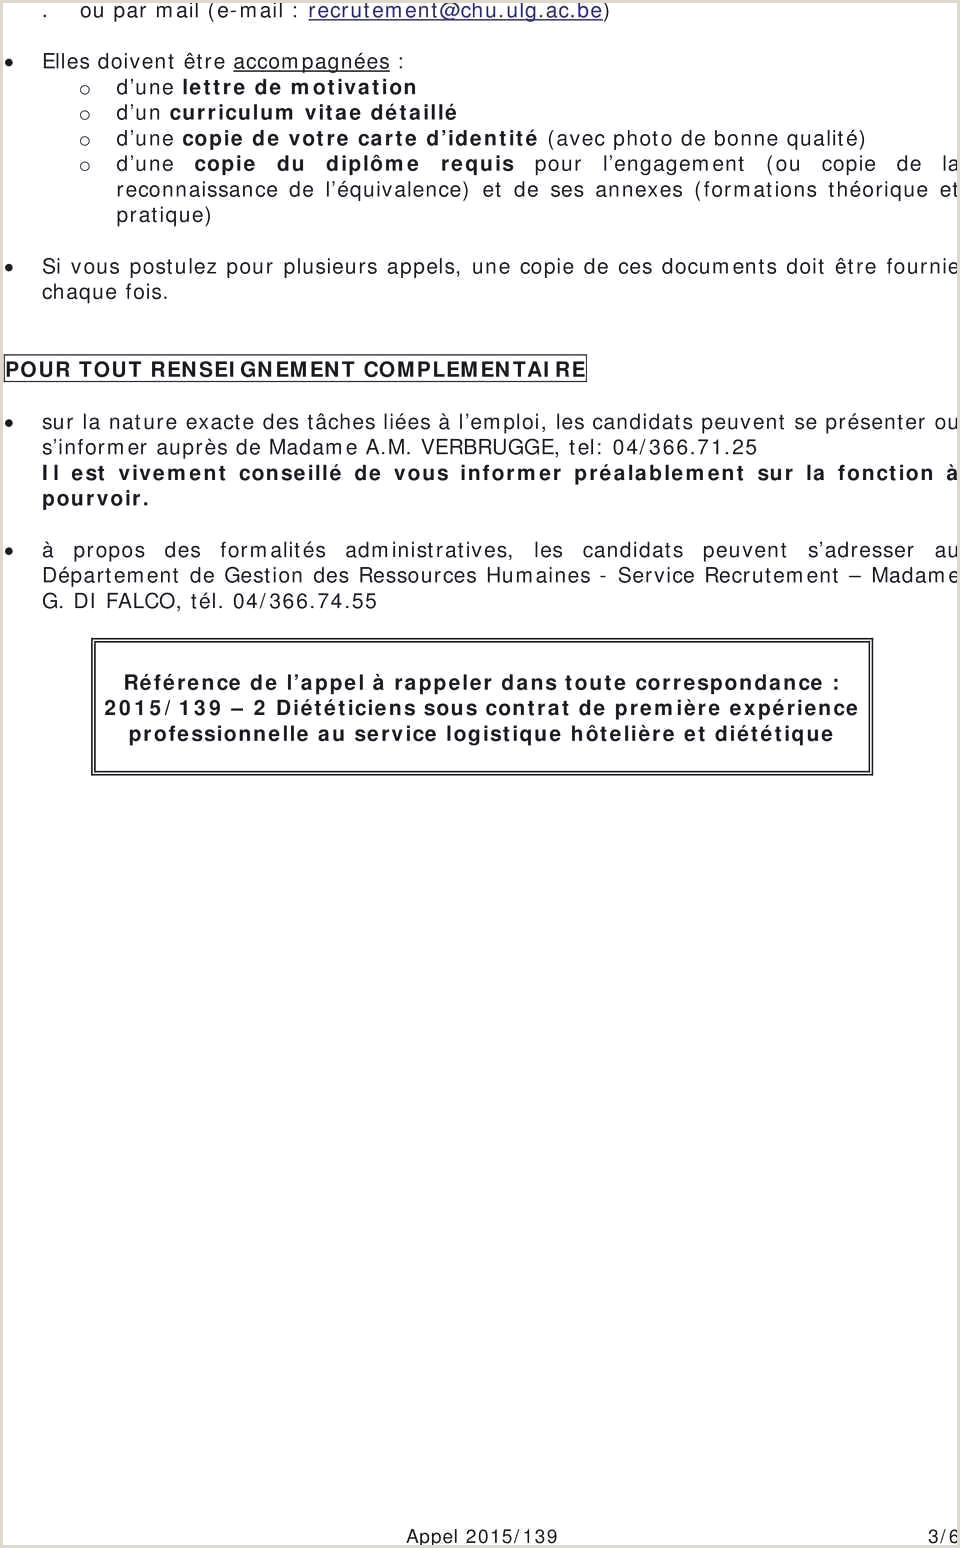 Exemple De Cv En Anglais Pour Stage Nouveau Ment Faire Un Cv